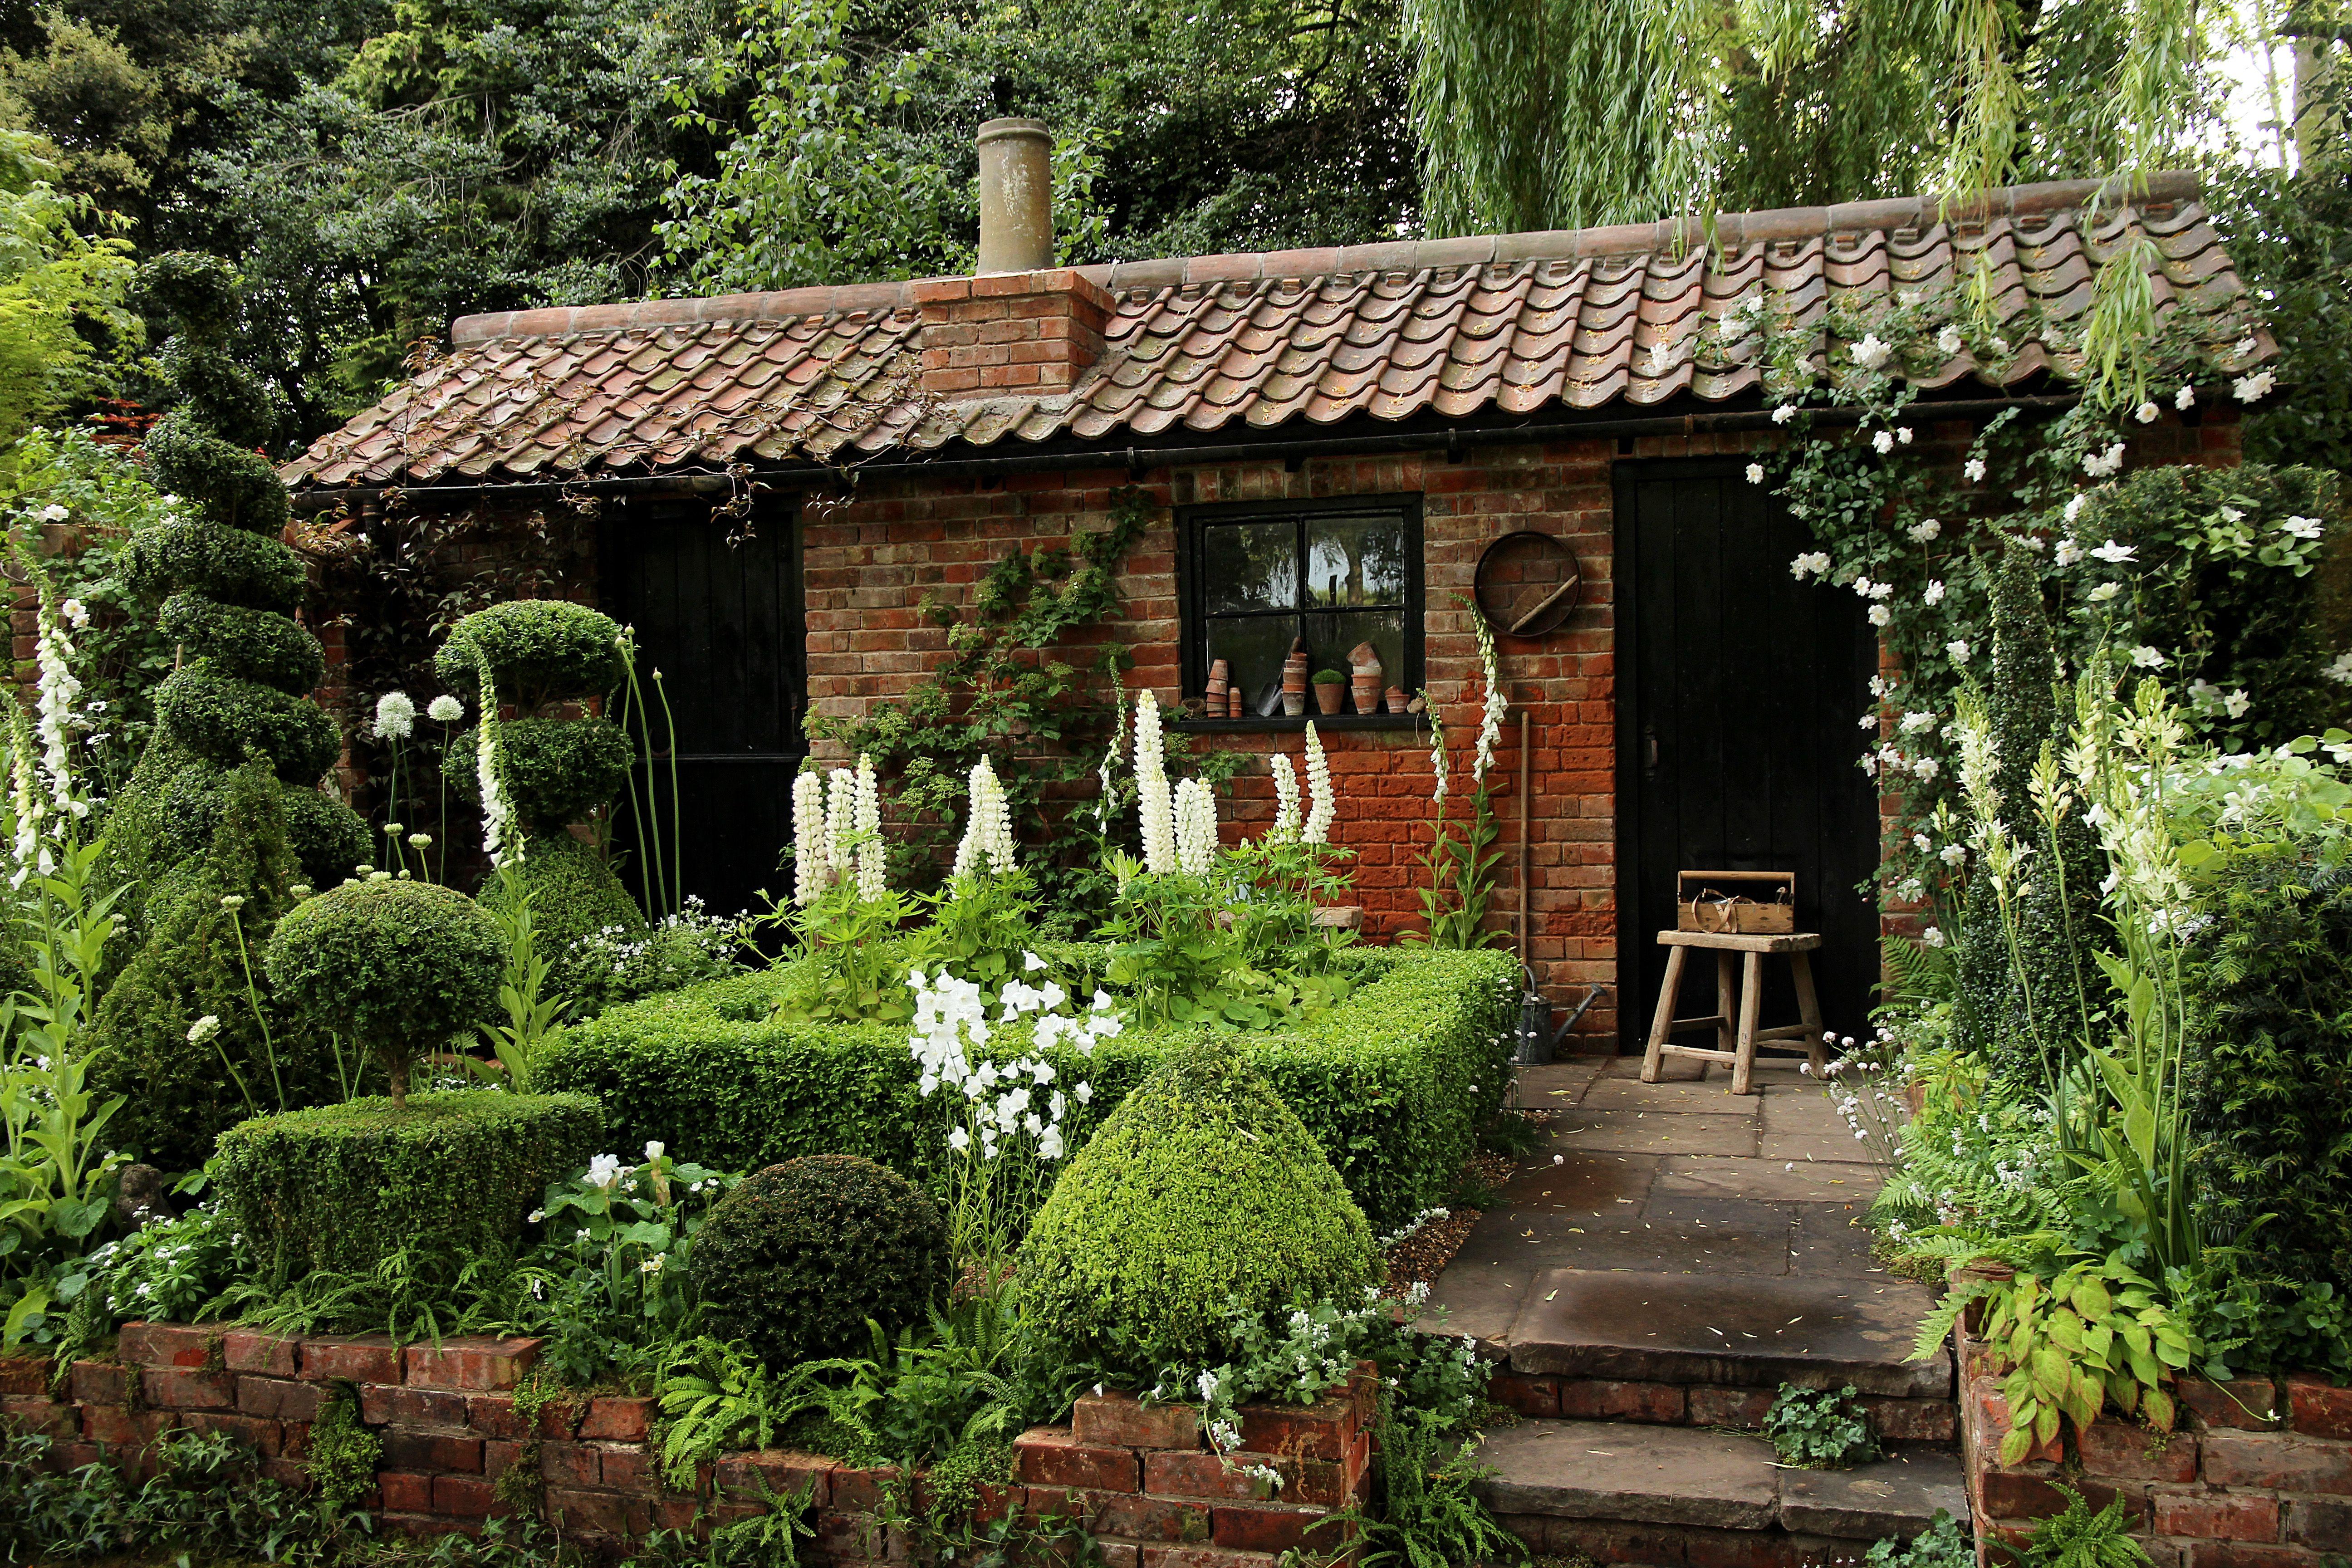 Fabulous Voorbeelden tuin: cottage tuin voorbeeld. | kleine tuin in 2018 @NN66